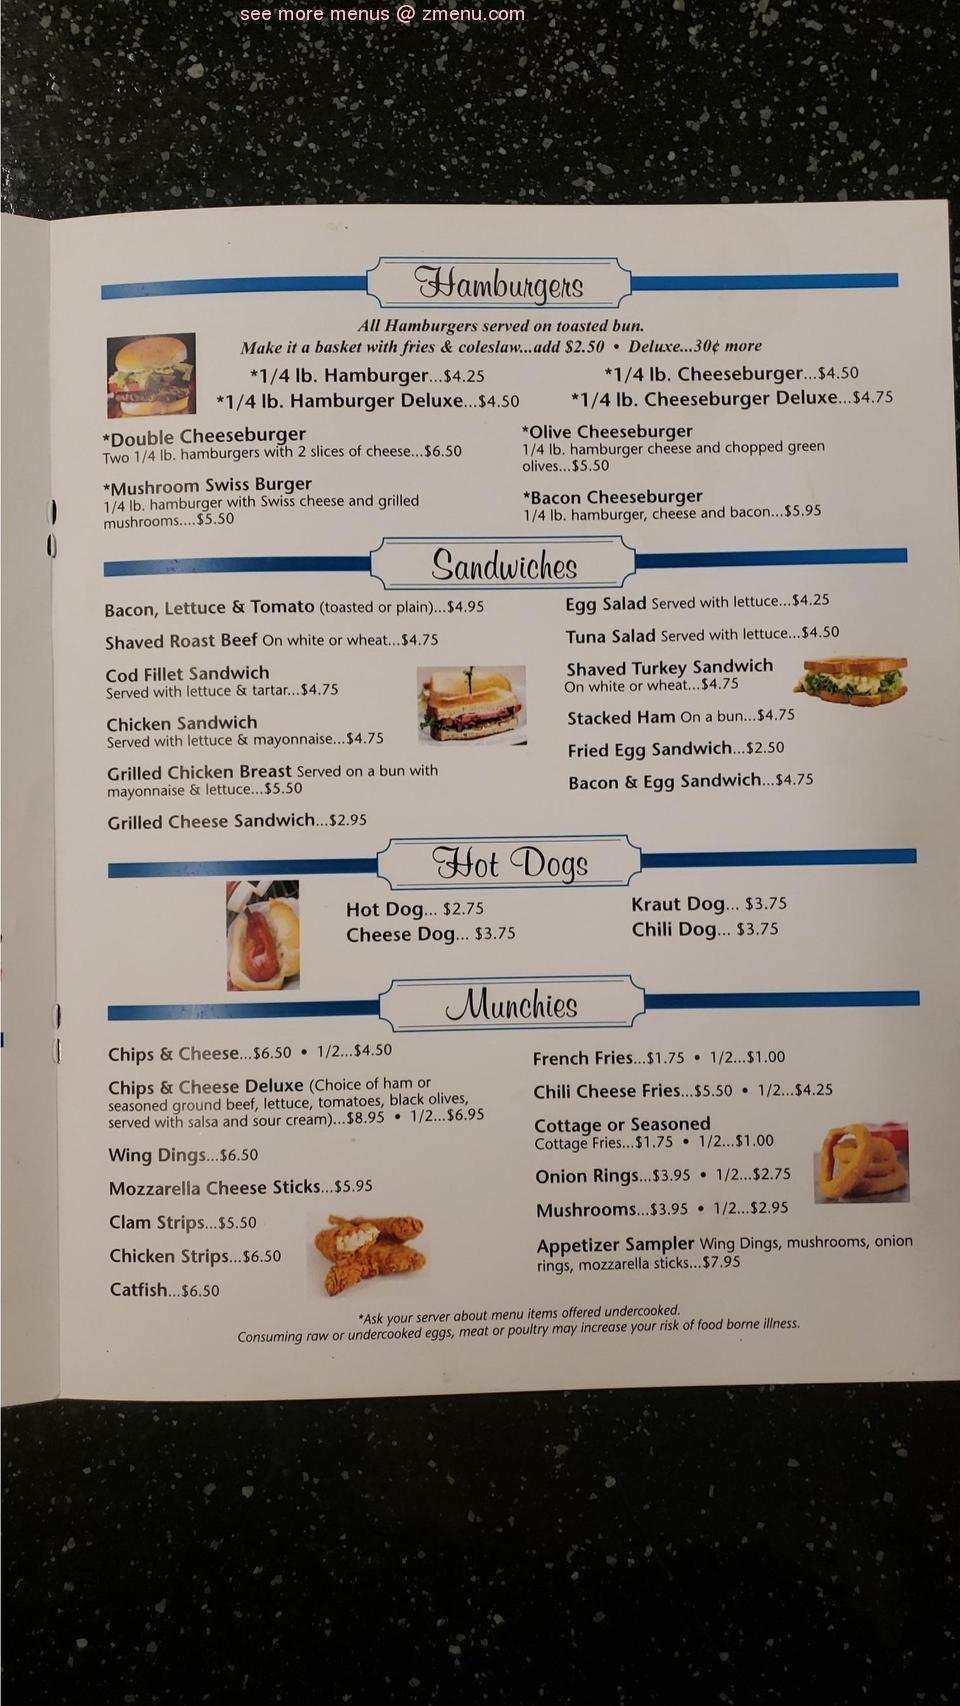 Online Menu Of Thornapple Kitchen Restaurant Middleville Michigan 49333 Zmenu